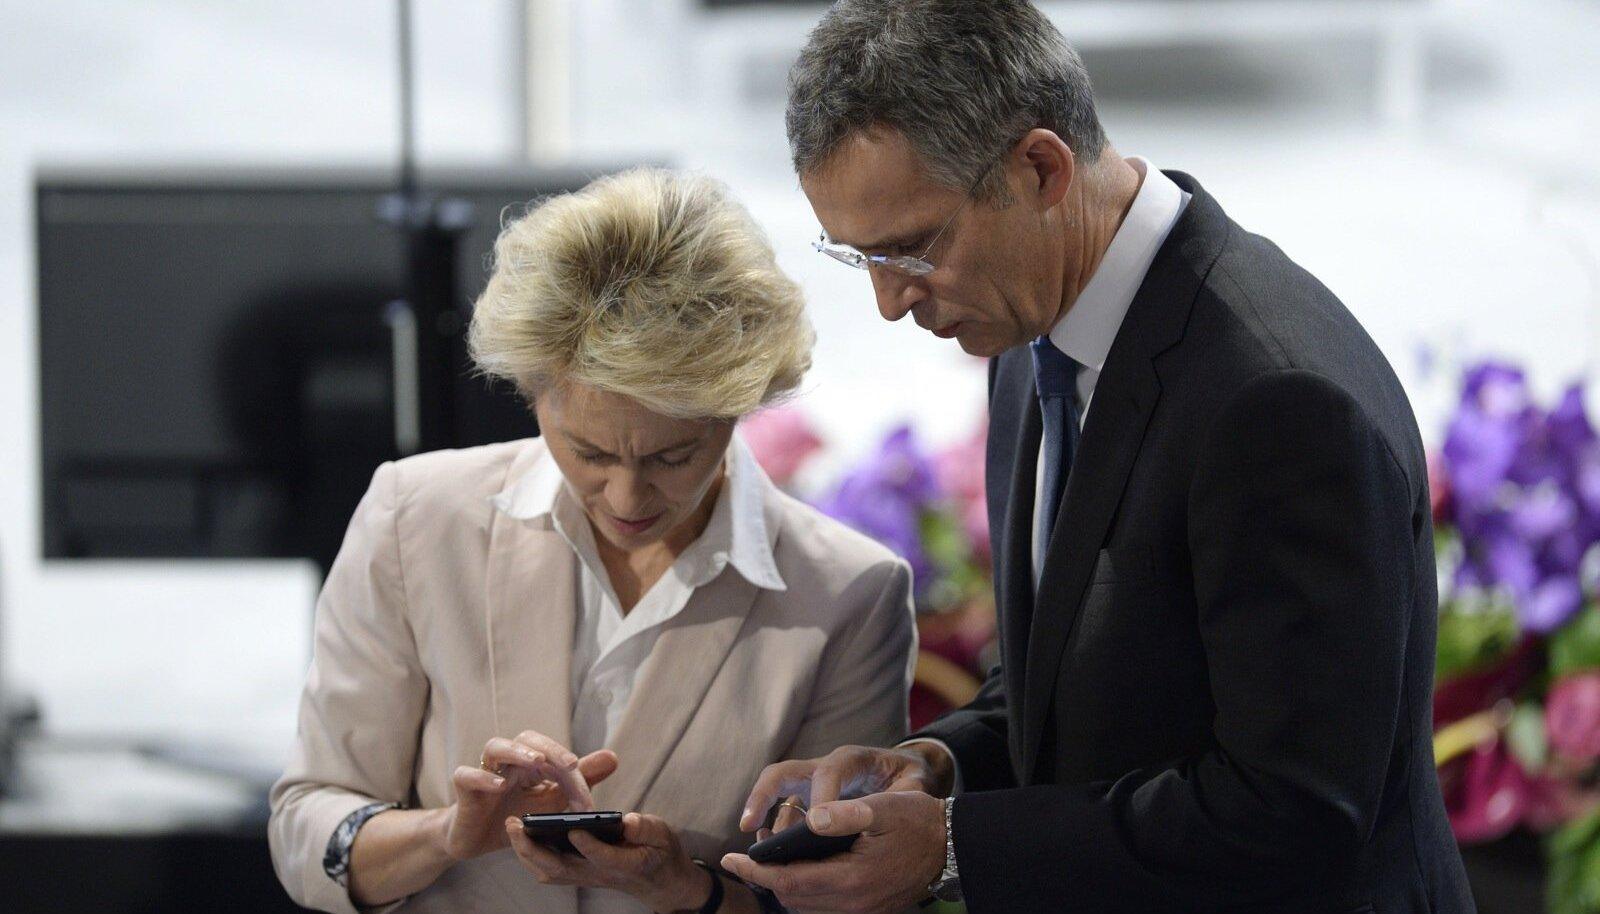 Saksamaa kaitseminister Ursula von der Leyen ja NATO peasekretär Jens Stoltenberg arutavad Tallinnas Euroopa julgeolekupoliitikat.